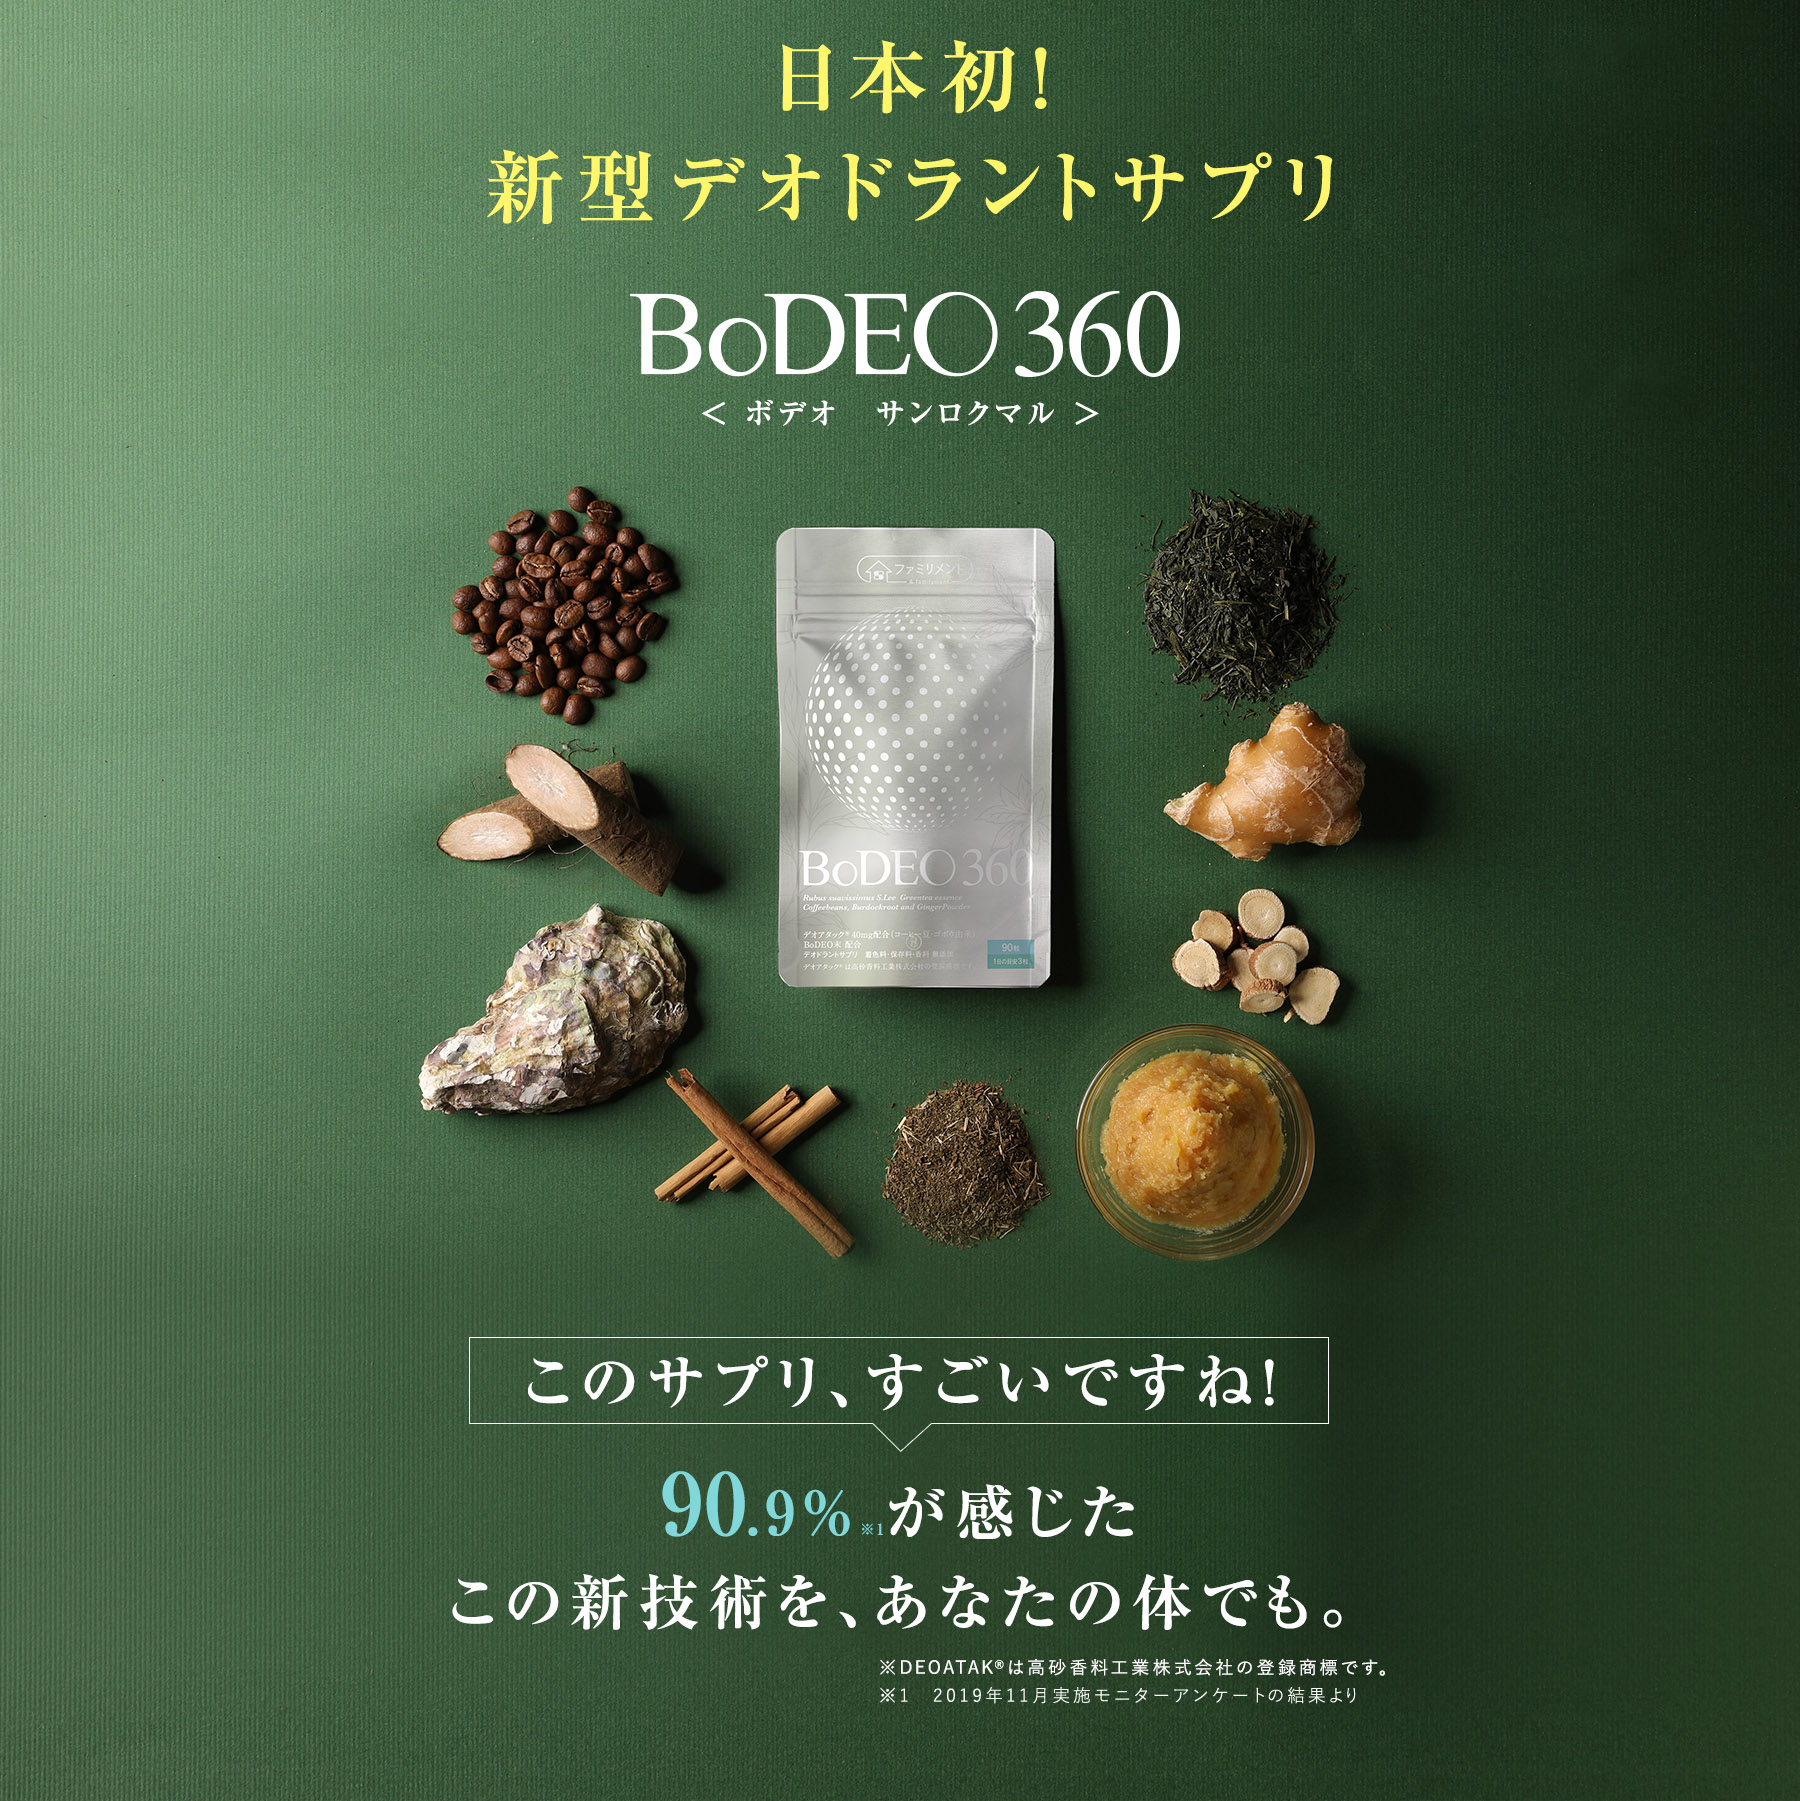 日本初!新型デオドラントサプリ < ボデオ サンロクマル >体臭が気になる方の90.9%が改善を感じたこの技術をあなたの体でも